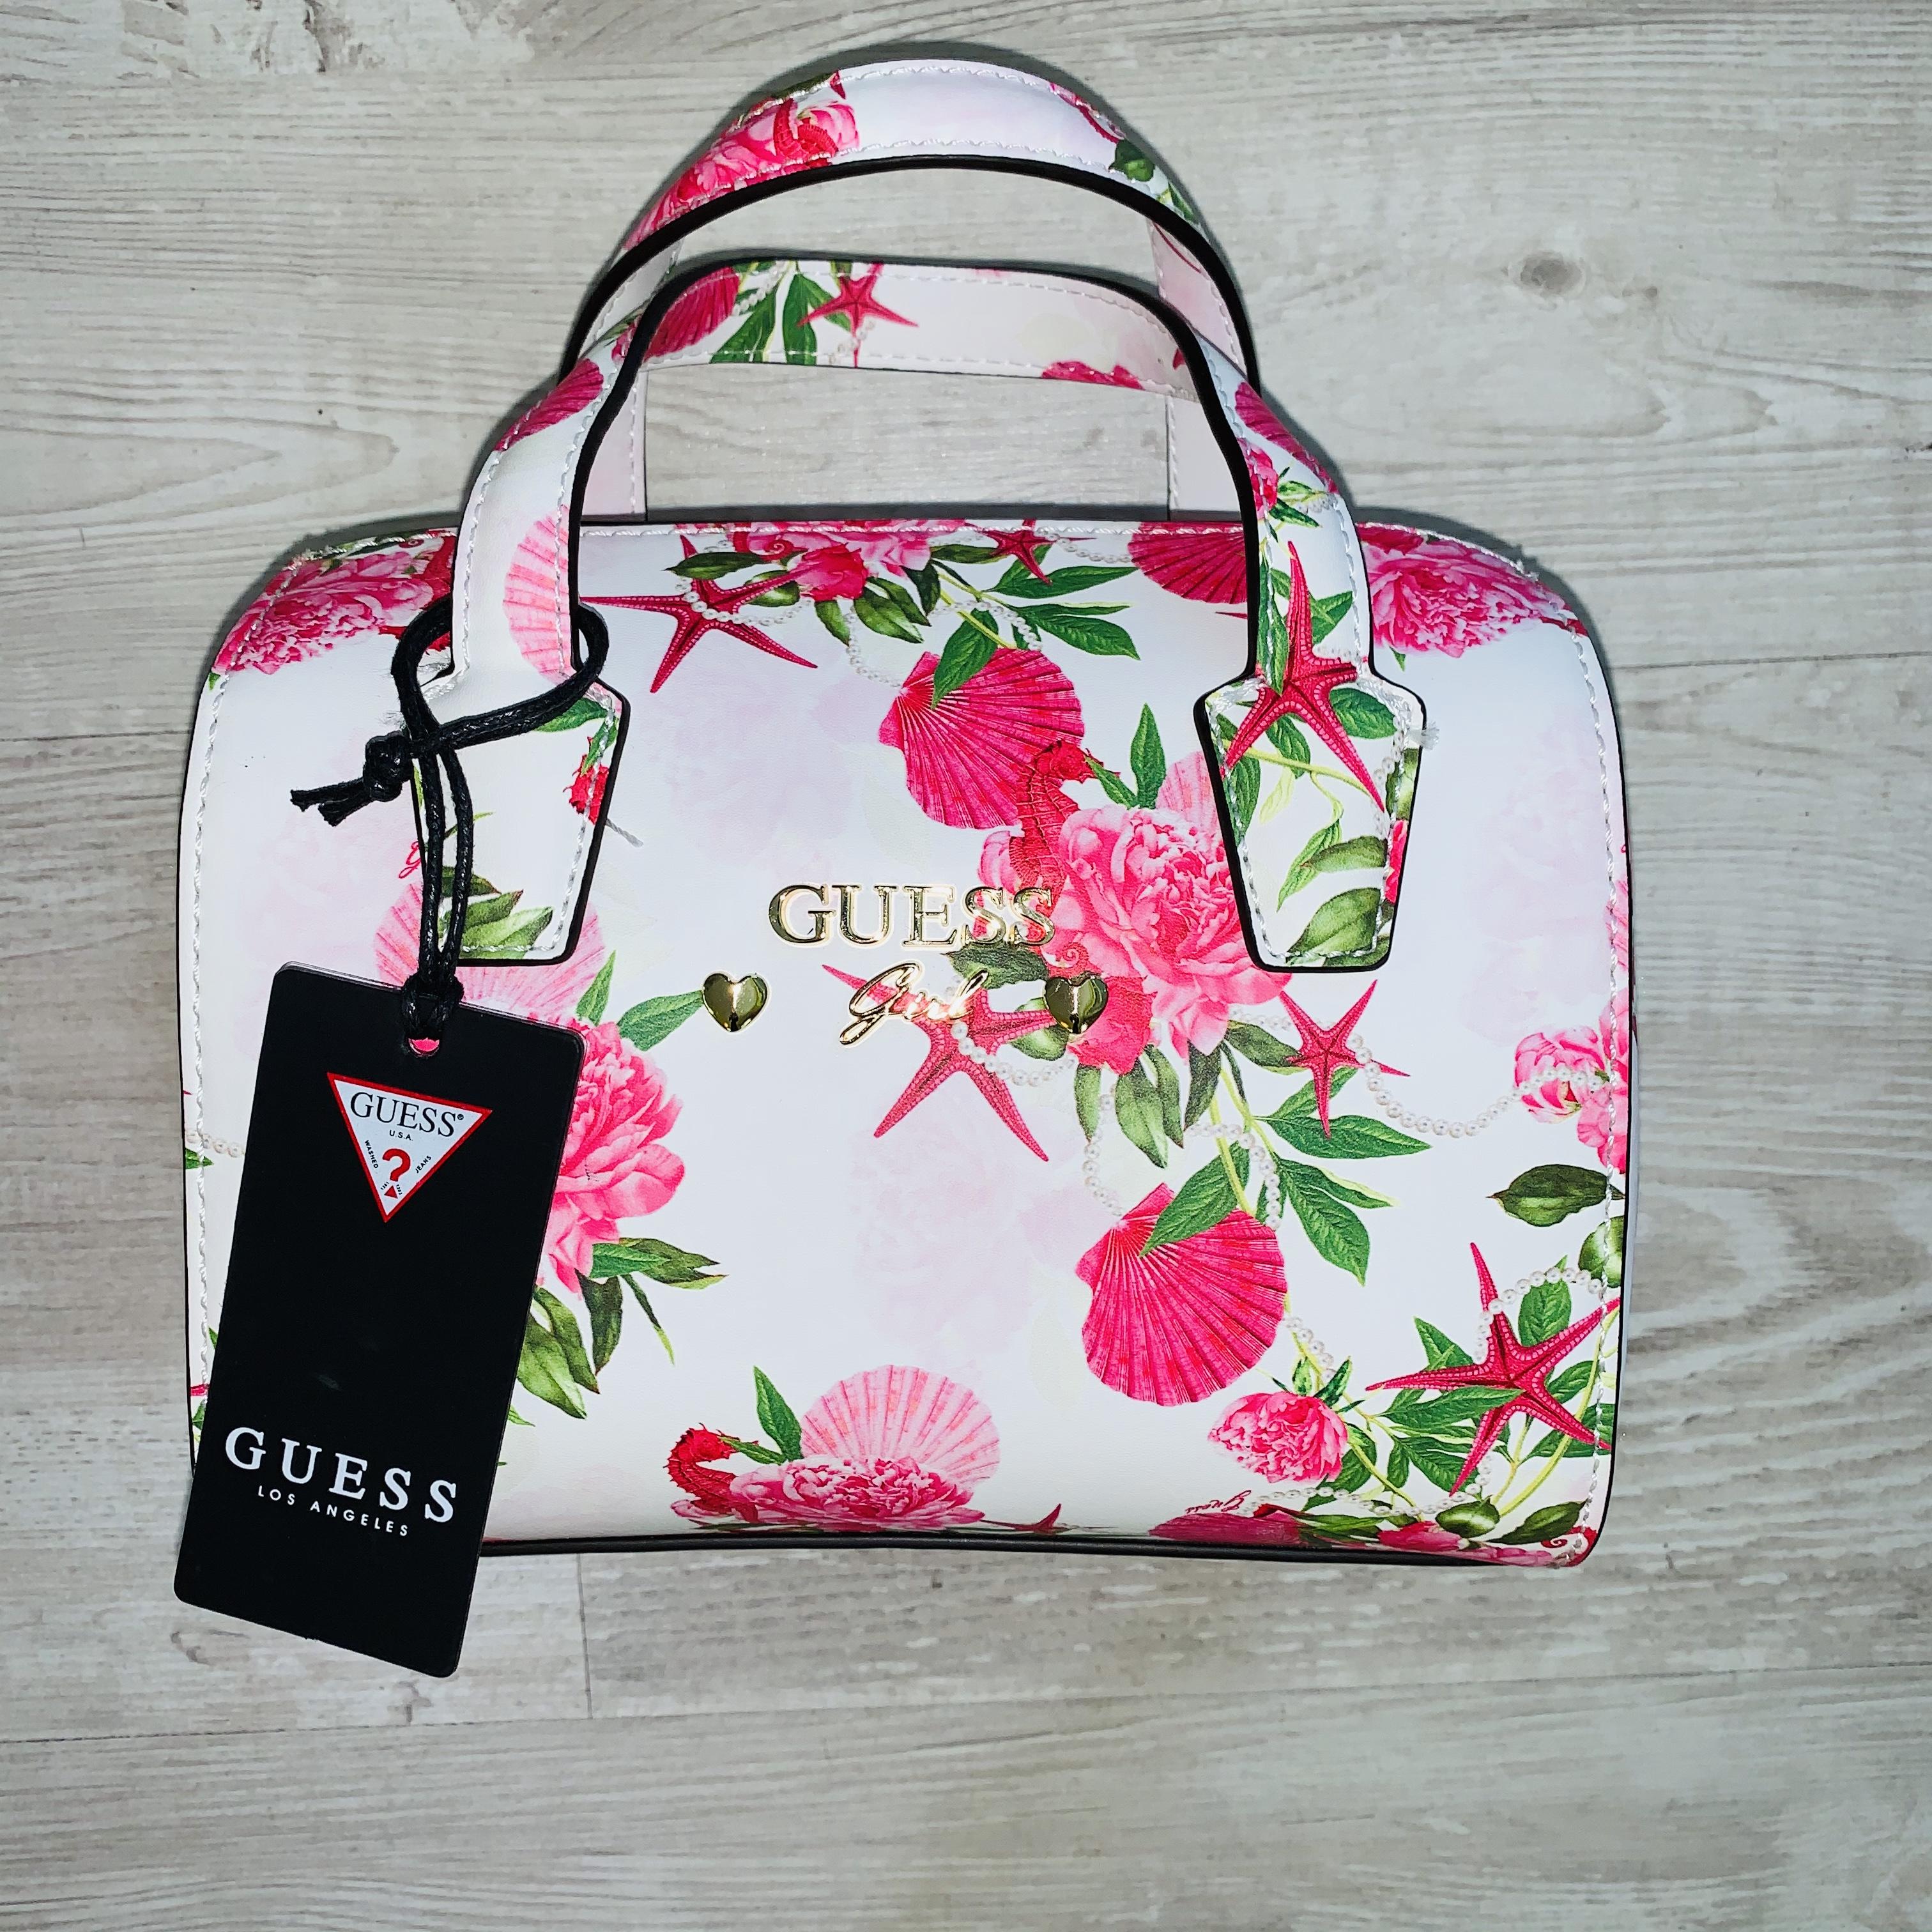 Portafoglio+borsa Guess originale in 35028 Piove di Sacco